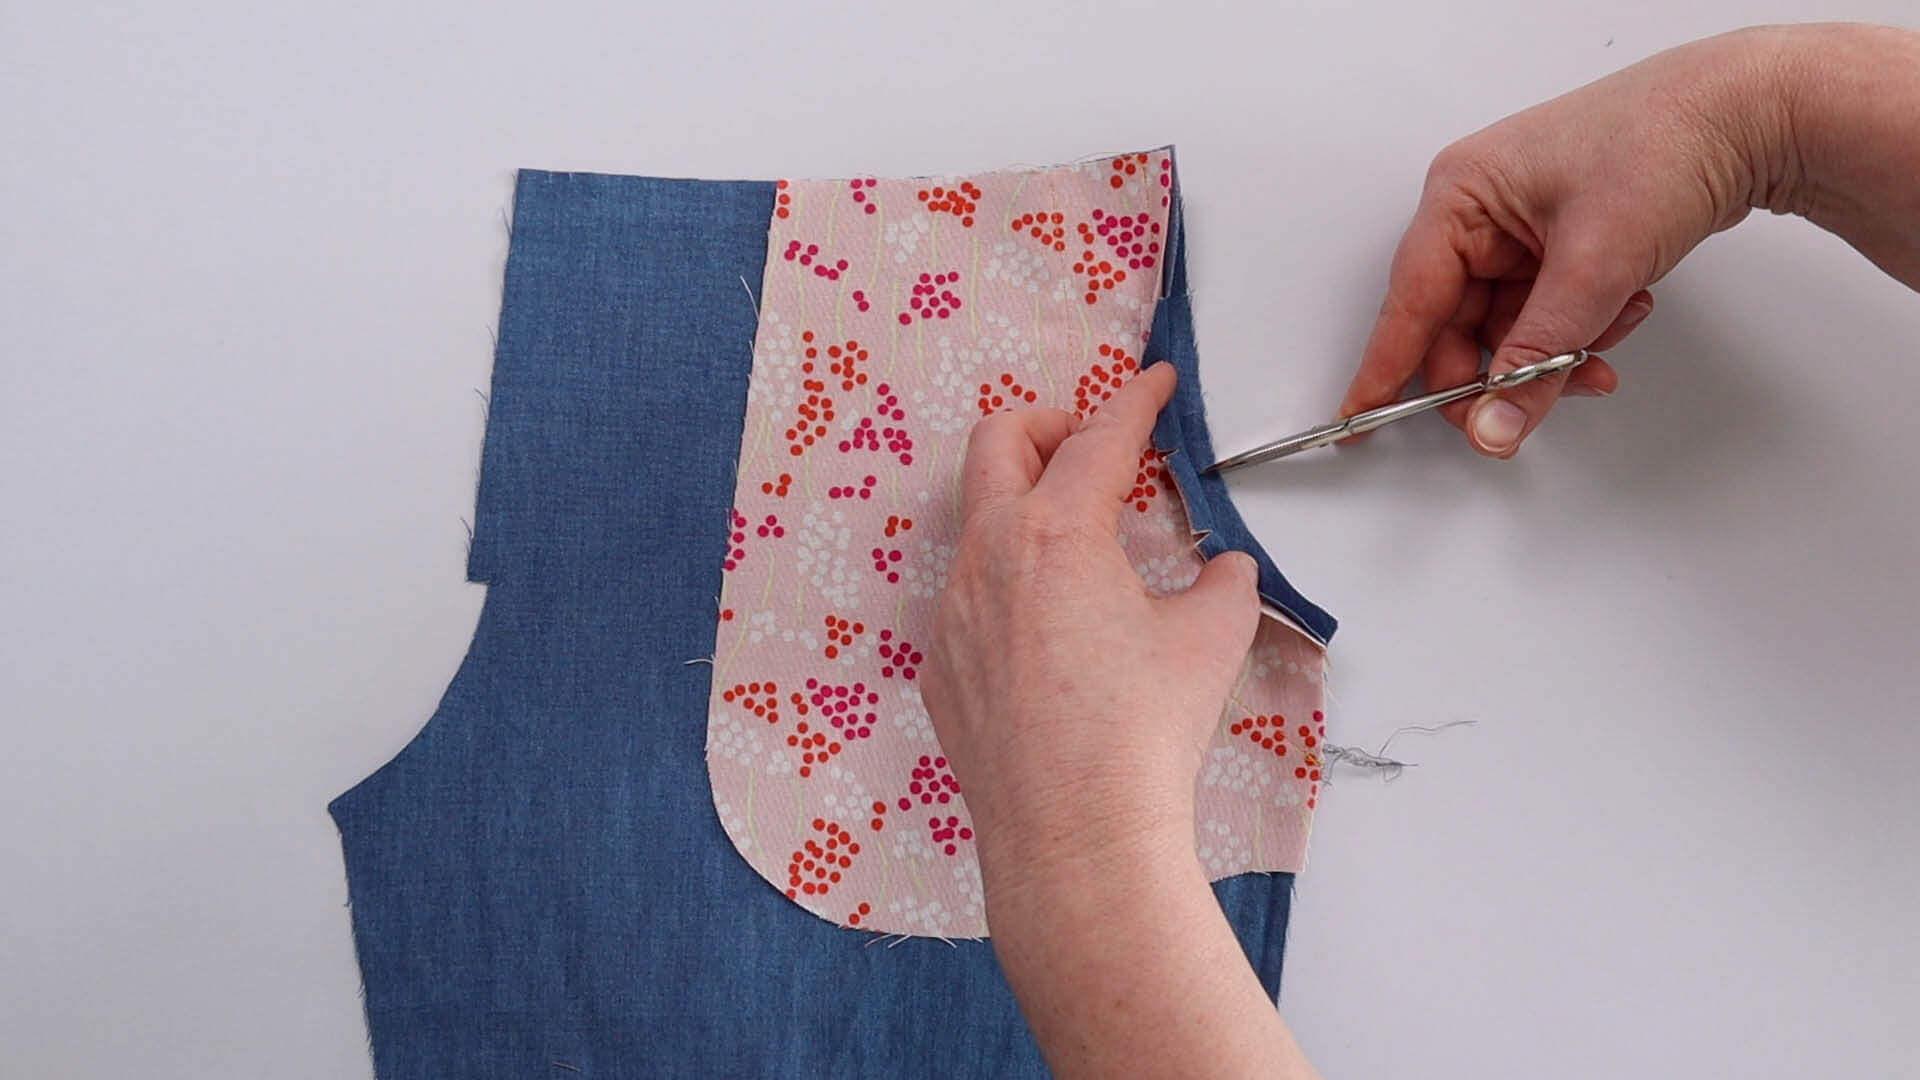 Nahtzugabe am runden Tascheneingriff einschneiden